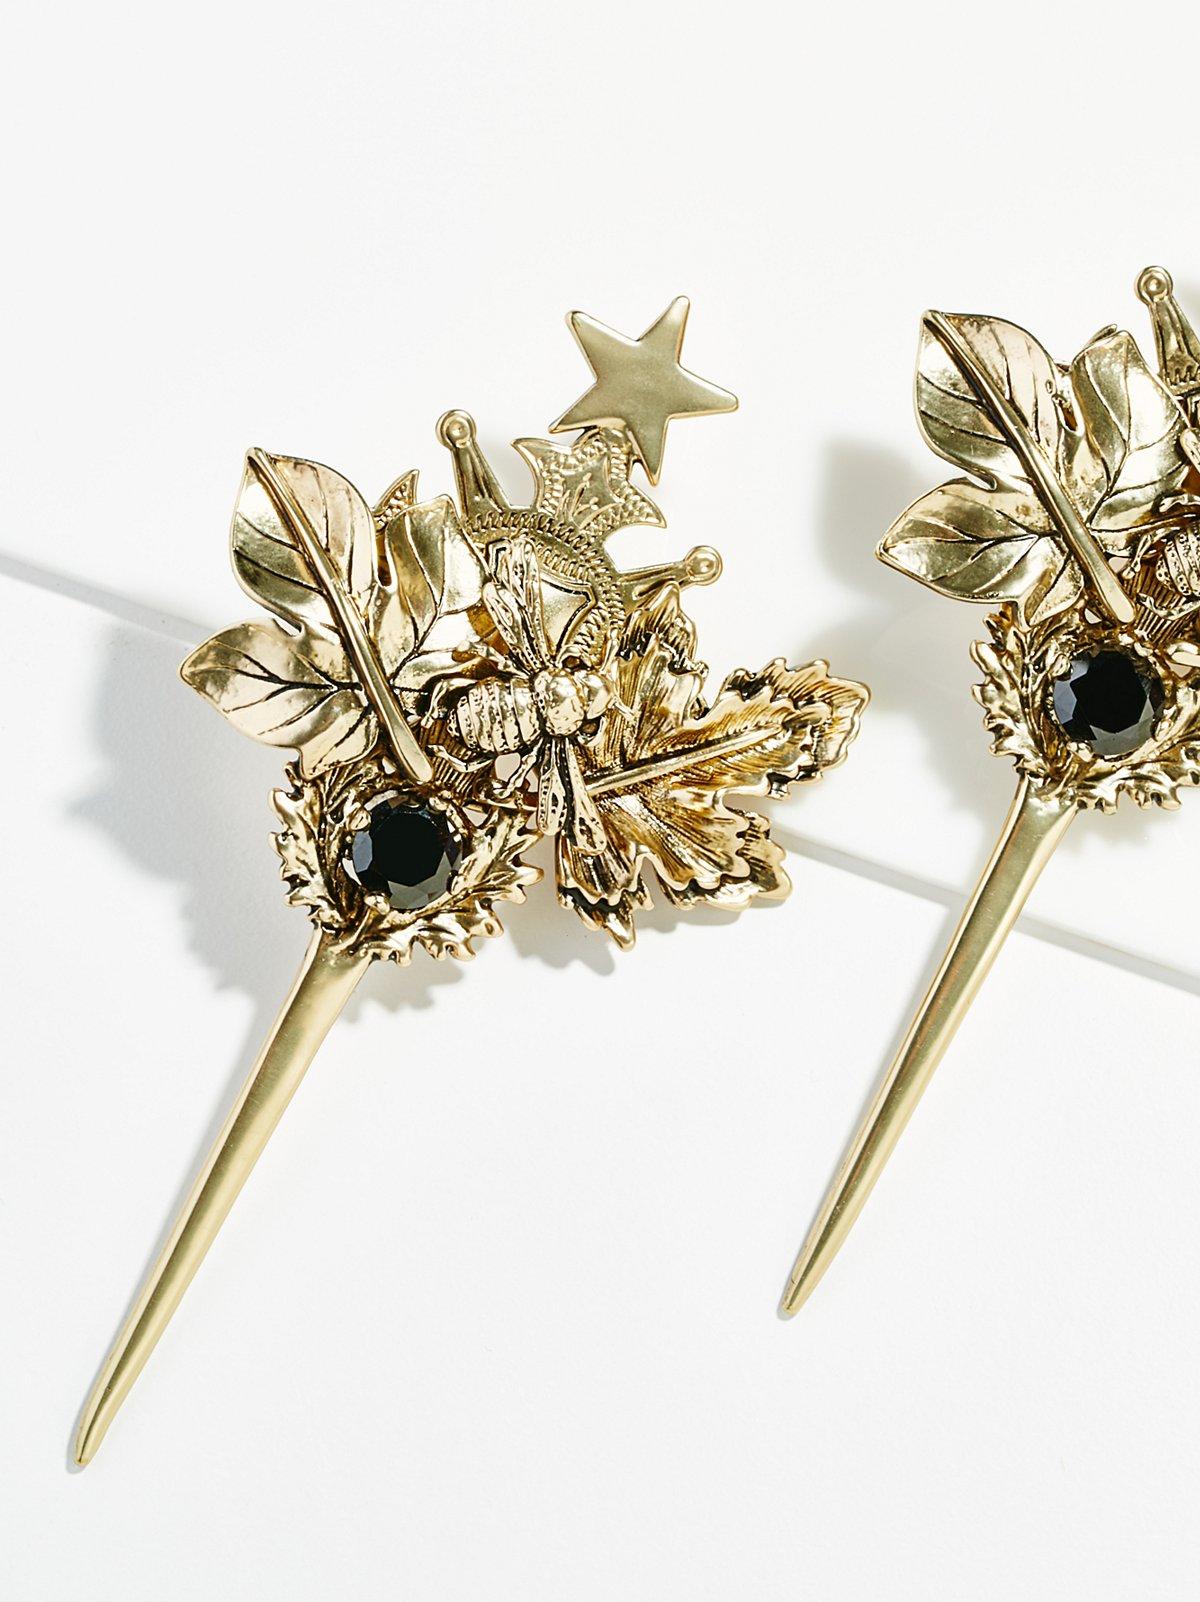 The Jester Earrings